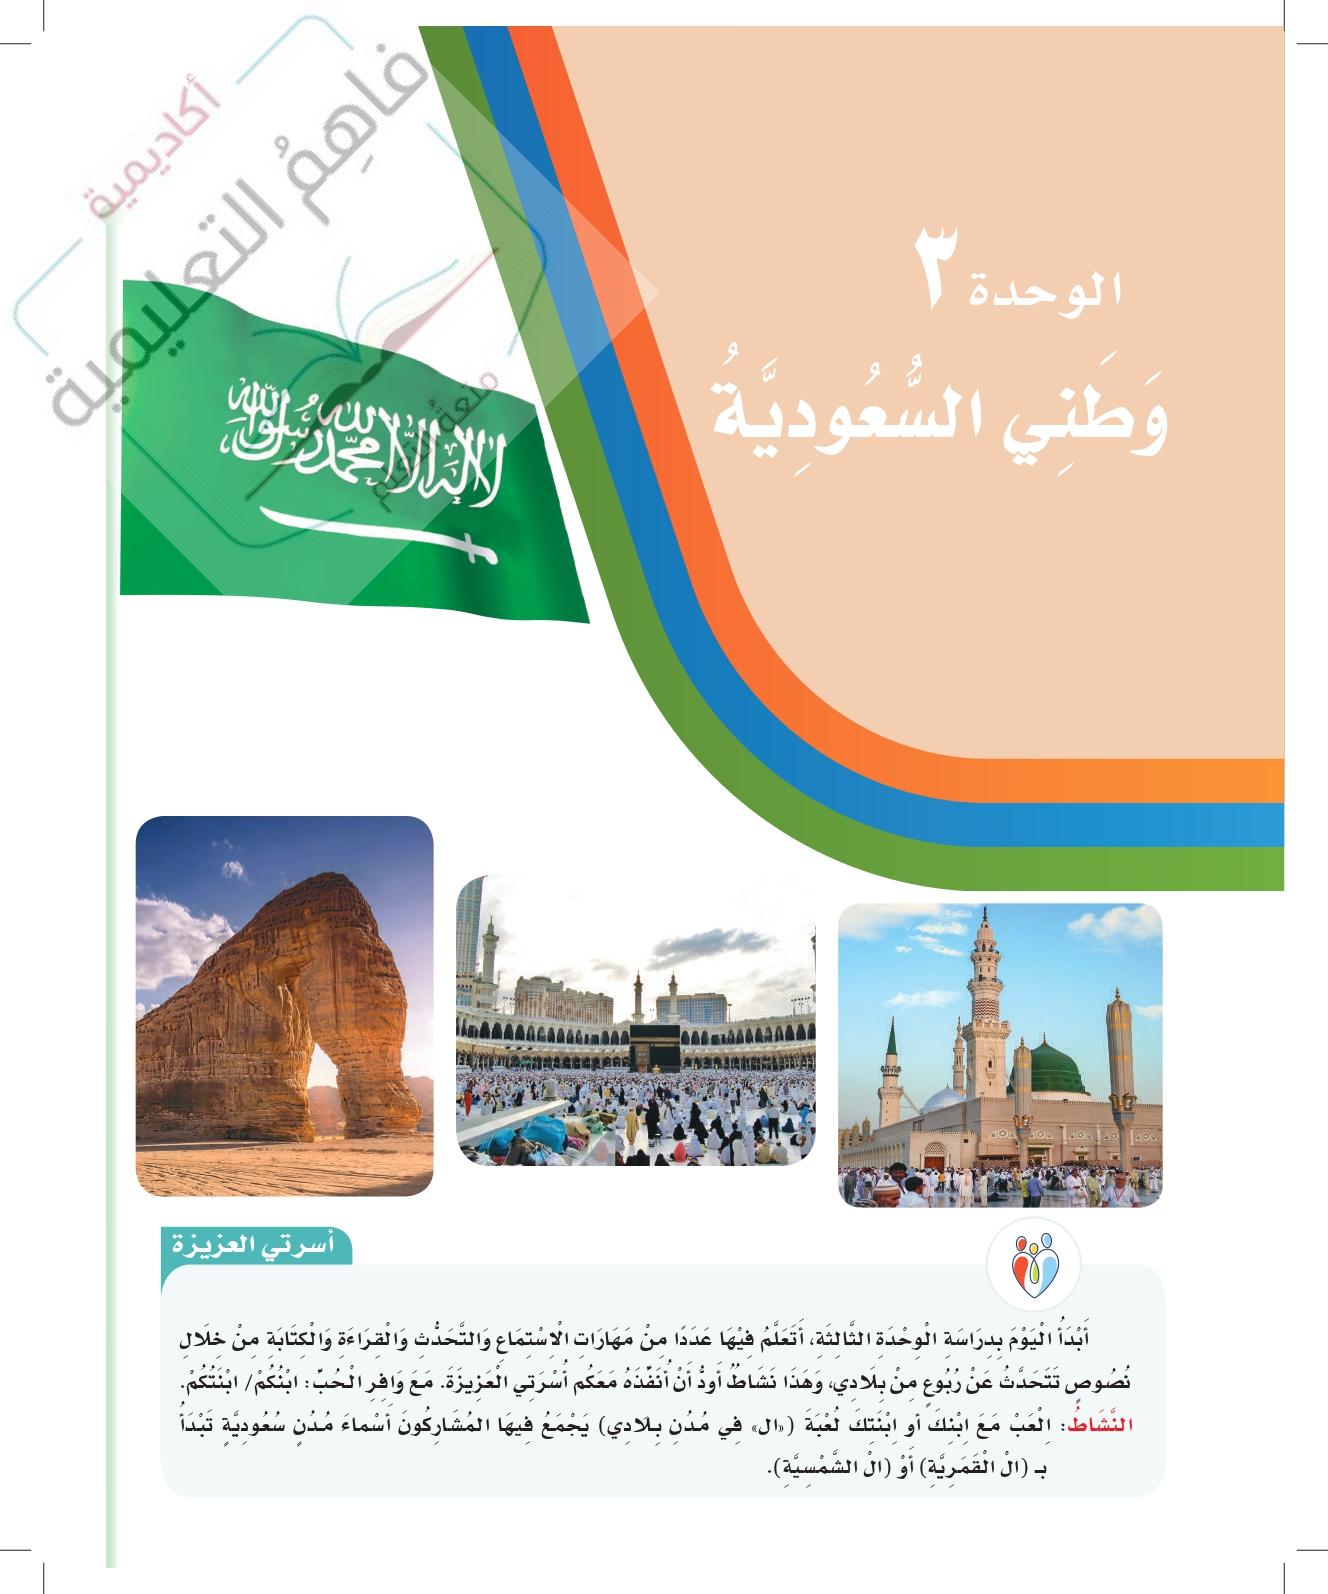 حل لغتي ثاني ابتدائي – الوحدة الثالثة – وطني السعودي – صفحة 88-118